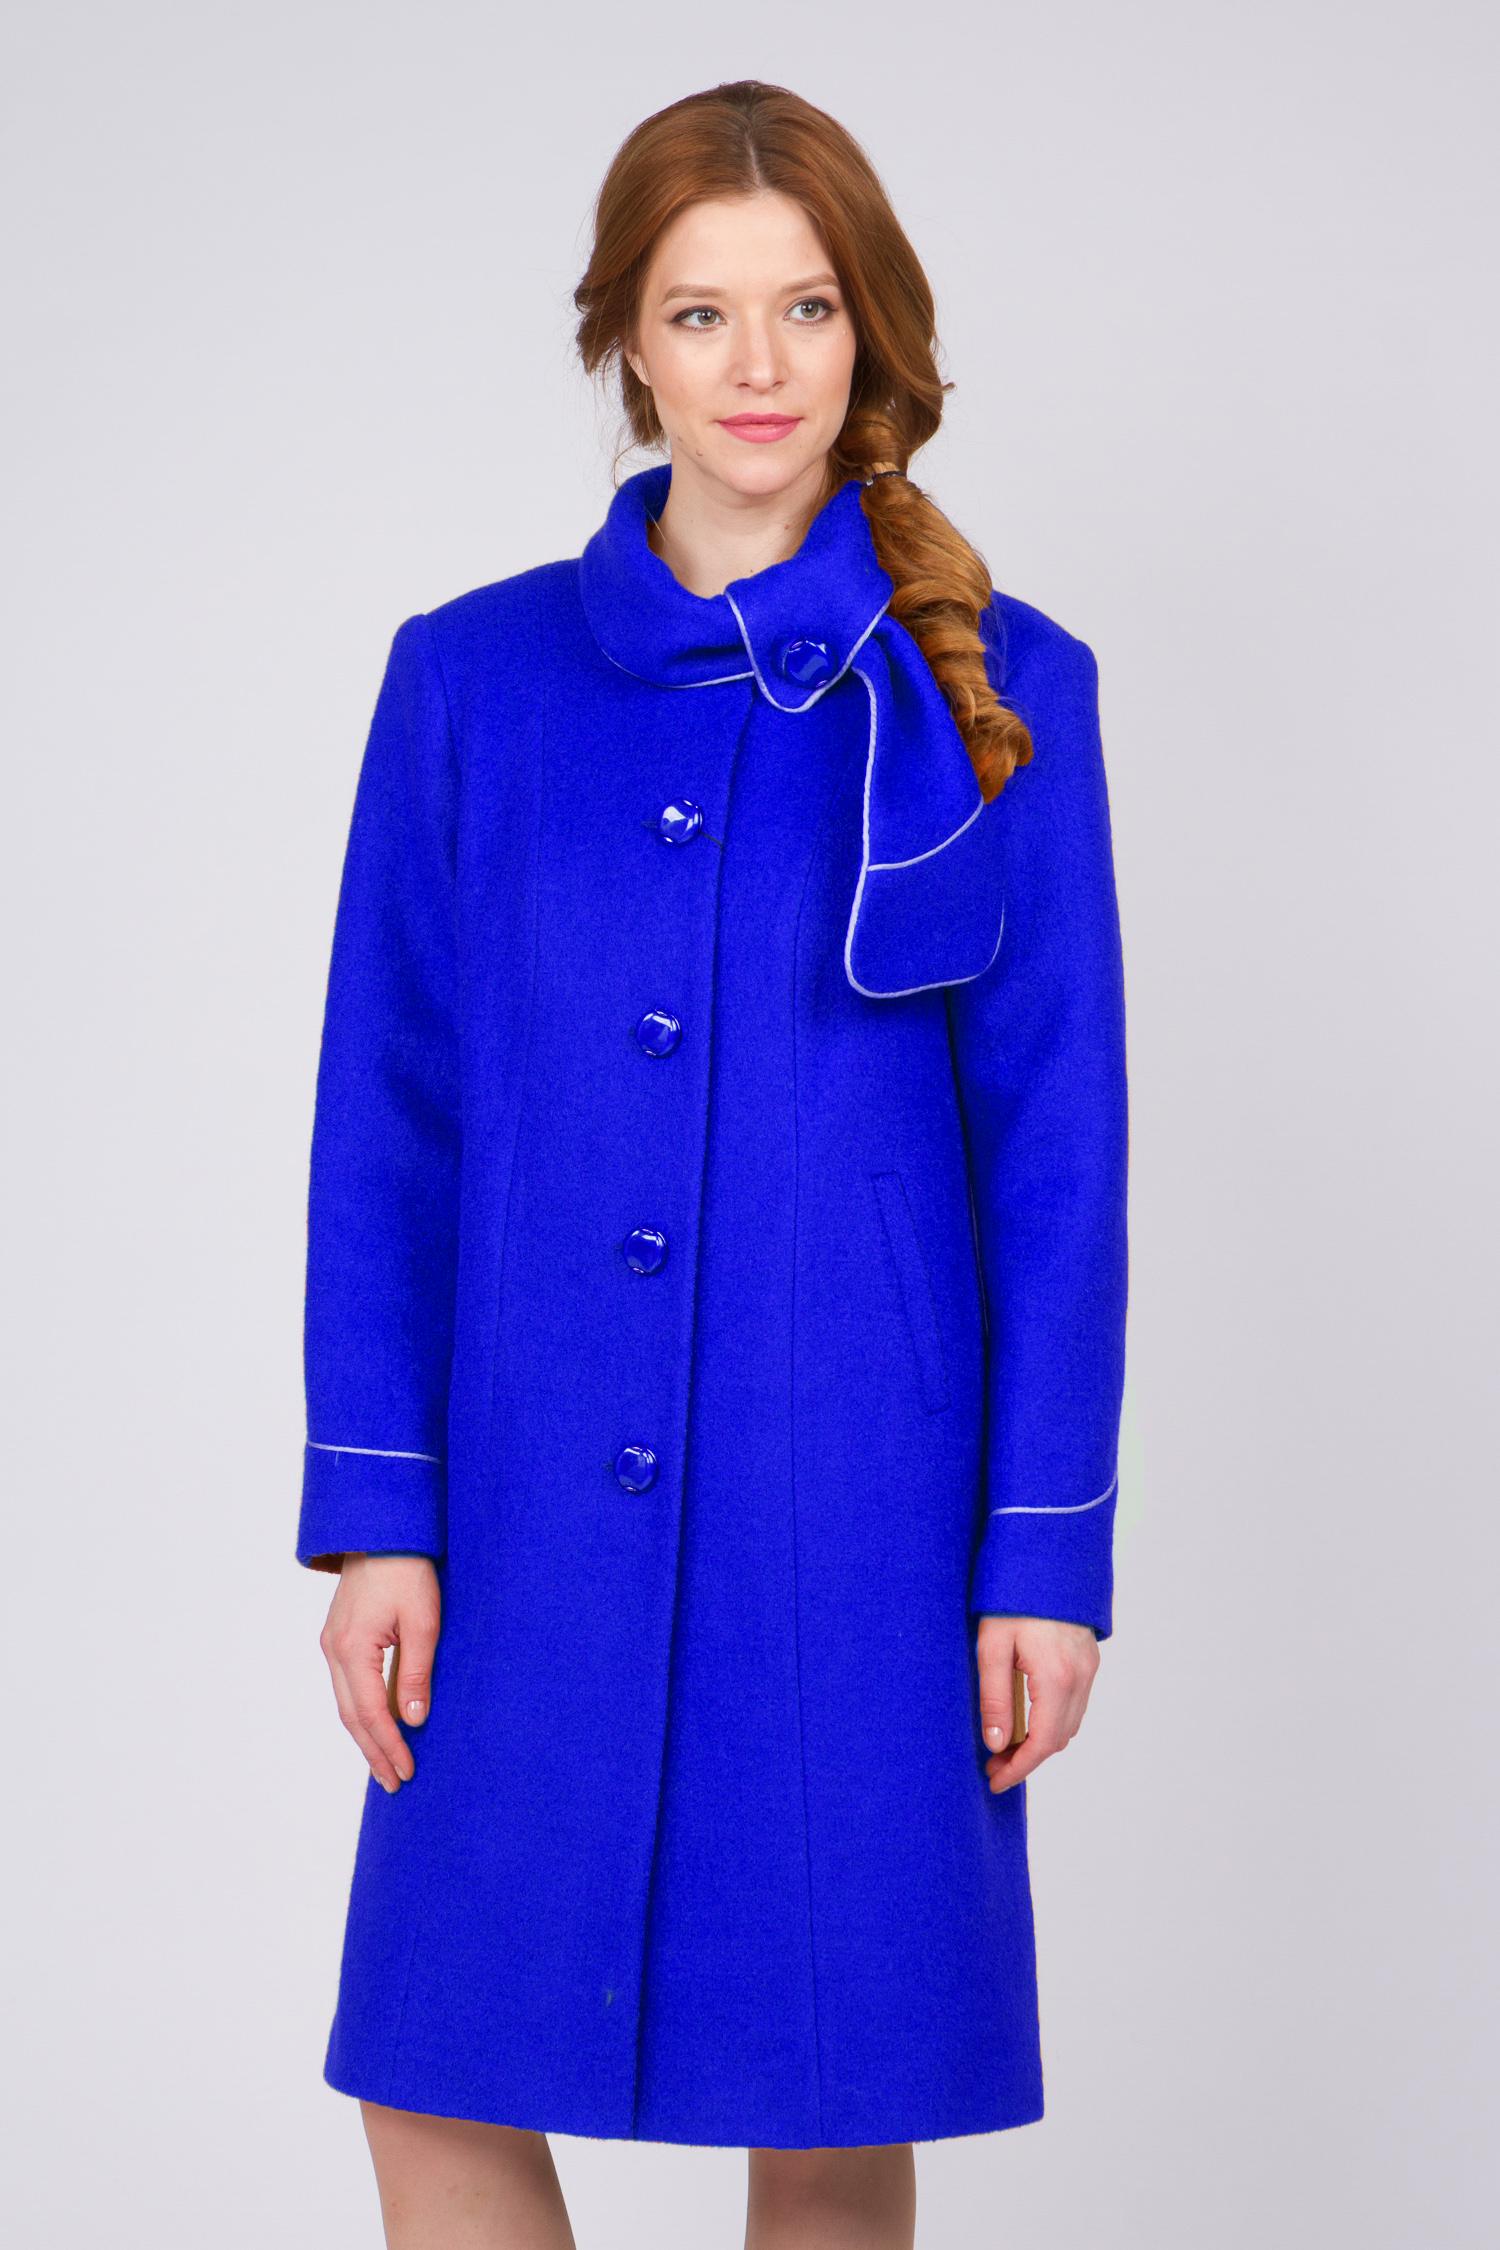 Женское пальто с воротником, без отделки<br><br>Воротник: отложной<br>Длина см: Длинная (свыше 90)<br>Материал: Комбинированный состав<br>Цвет: синий<br>Вид застежки: центральная<br>Застежка: на пуговицы<br>Пол: Женский<br>Размер RU: 62